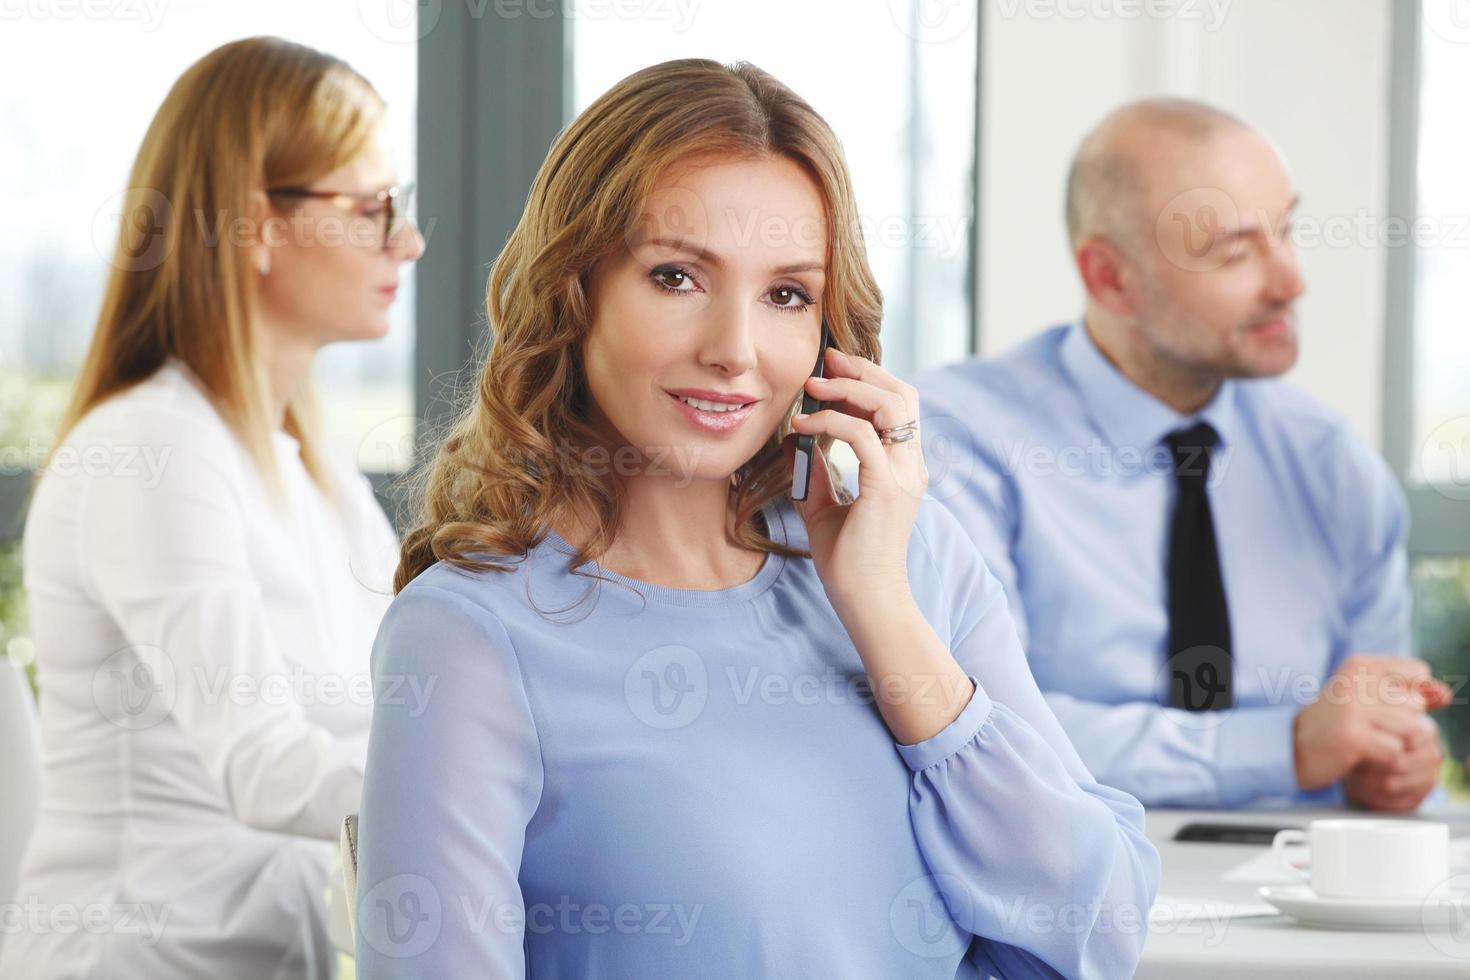 uitvoerend zakenvrouw portret foto